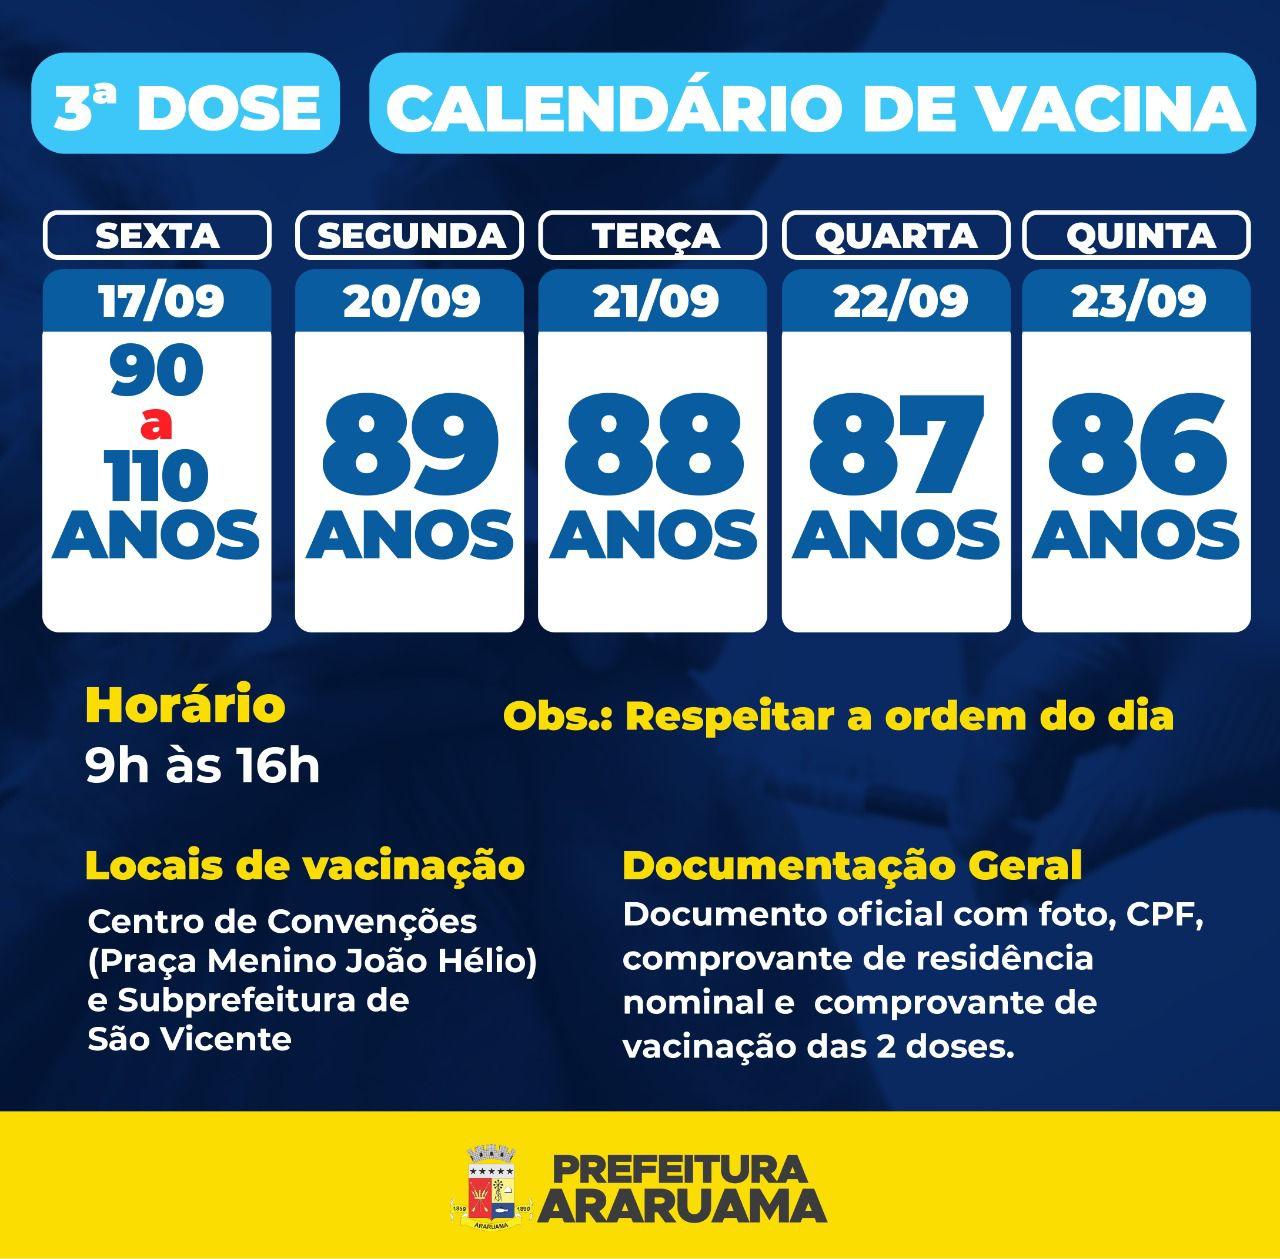 Calendário de vacinação da terceira dose contra a COVID-19 para idosos a partir de 86 anos